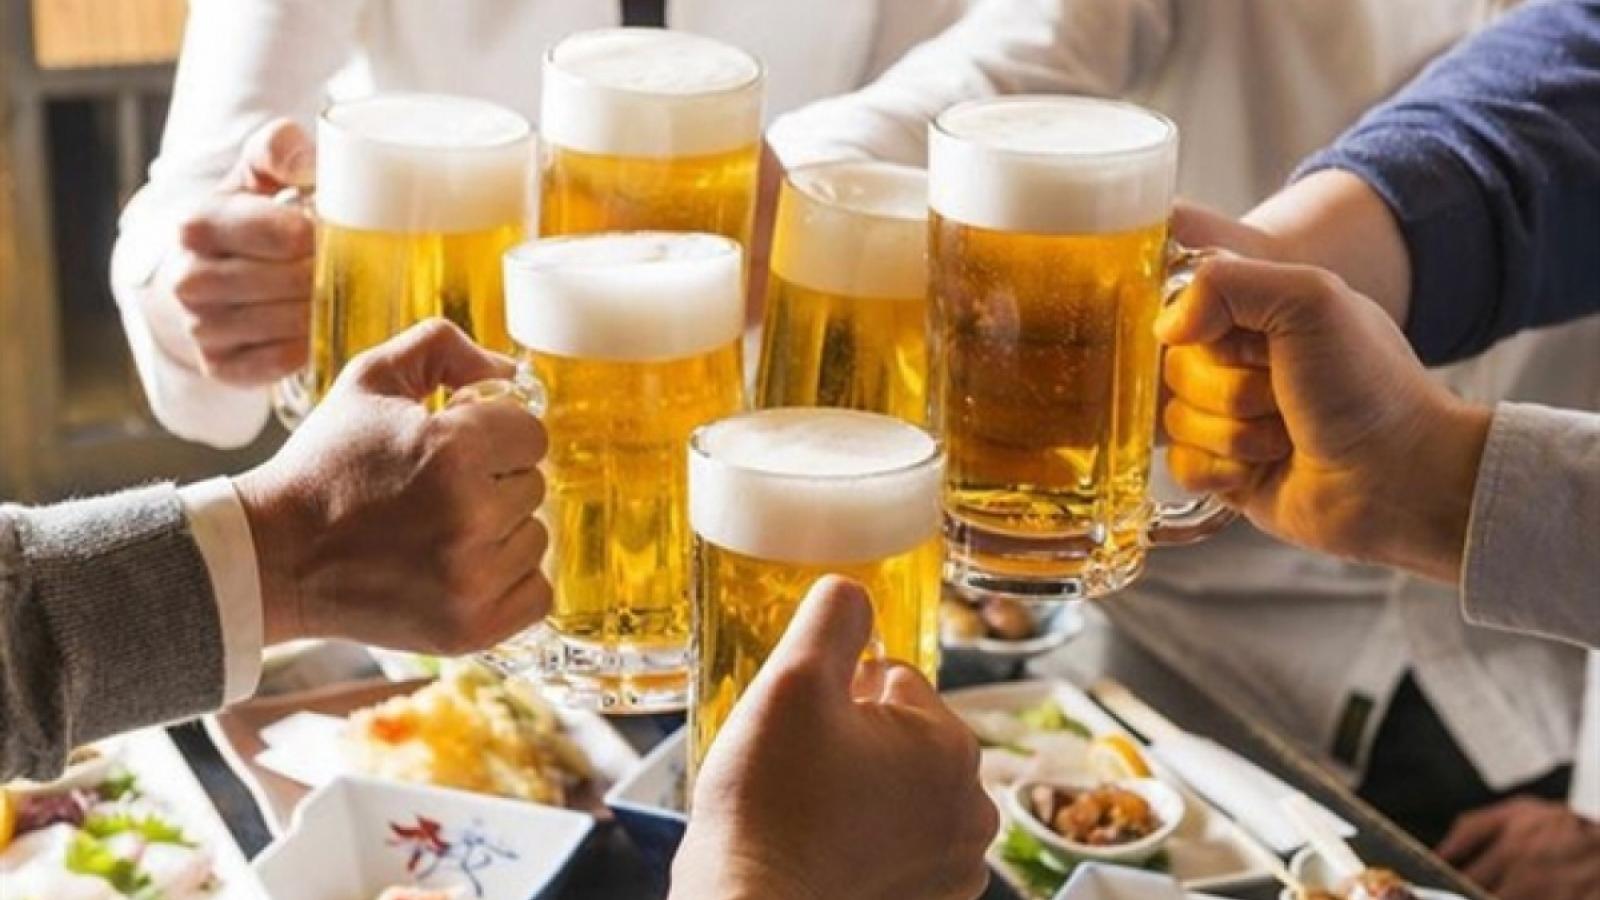 Phạt tiền người ép uống rượu bia: Khó chứng minh hành vi vi phạm